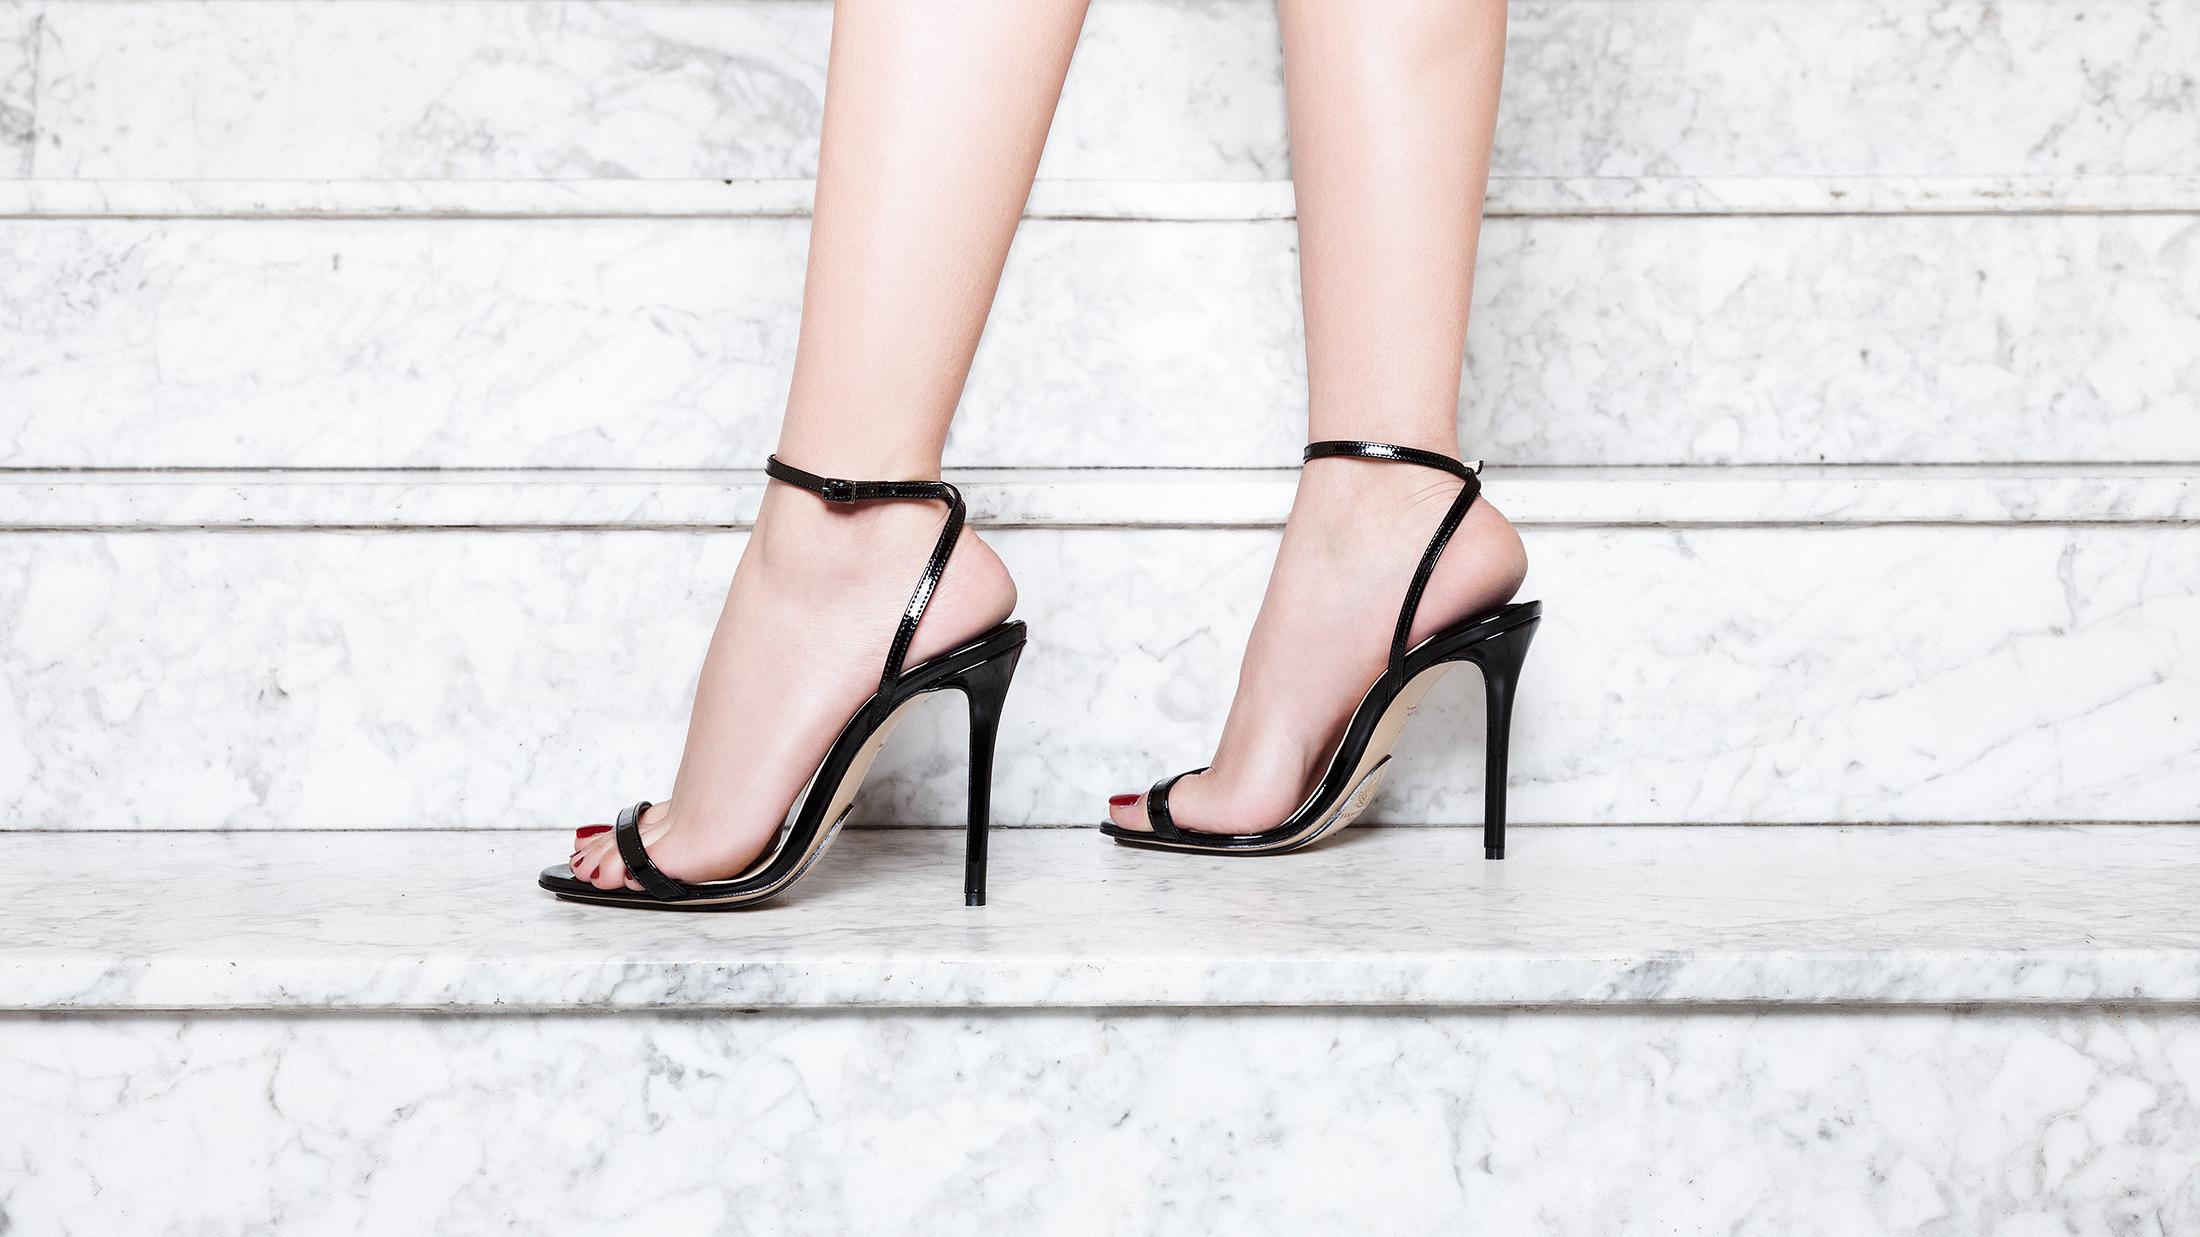 Bernd Serafin Thaler - Campaign - Shoes - Goddess 100